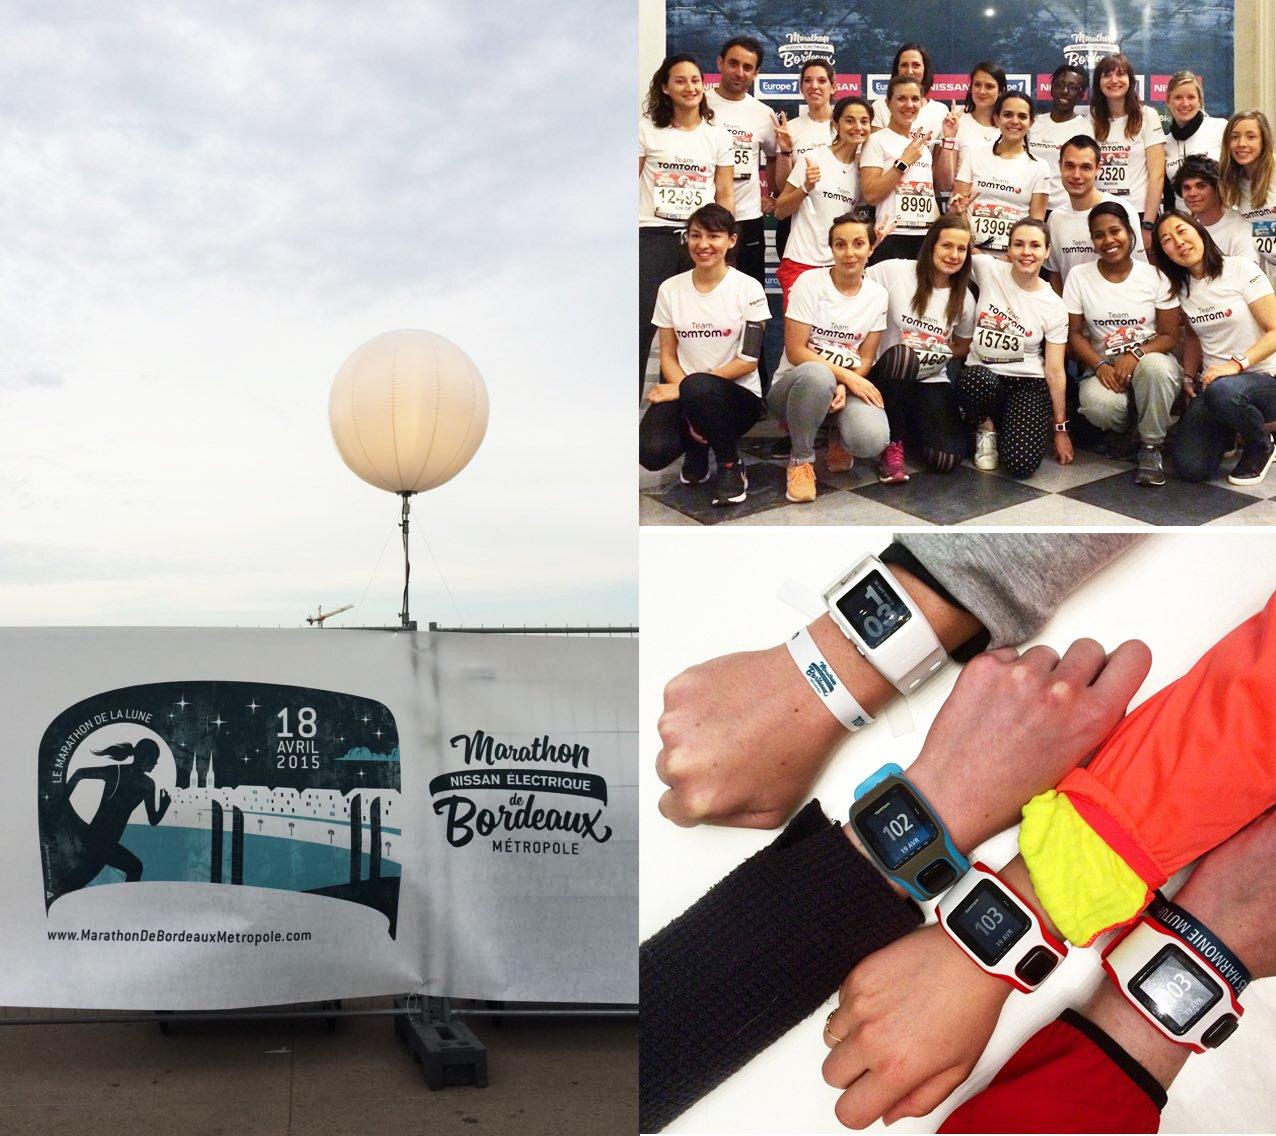 Marathon de Bordeaux 2015